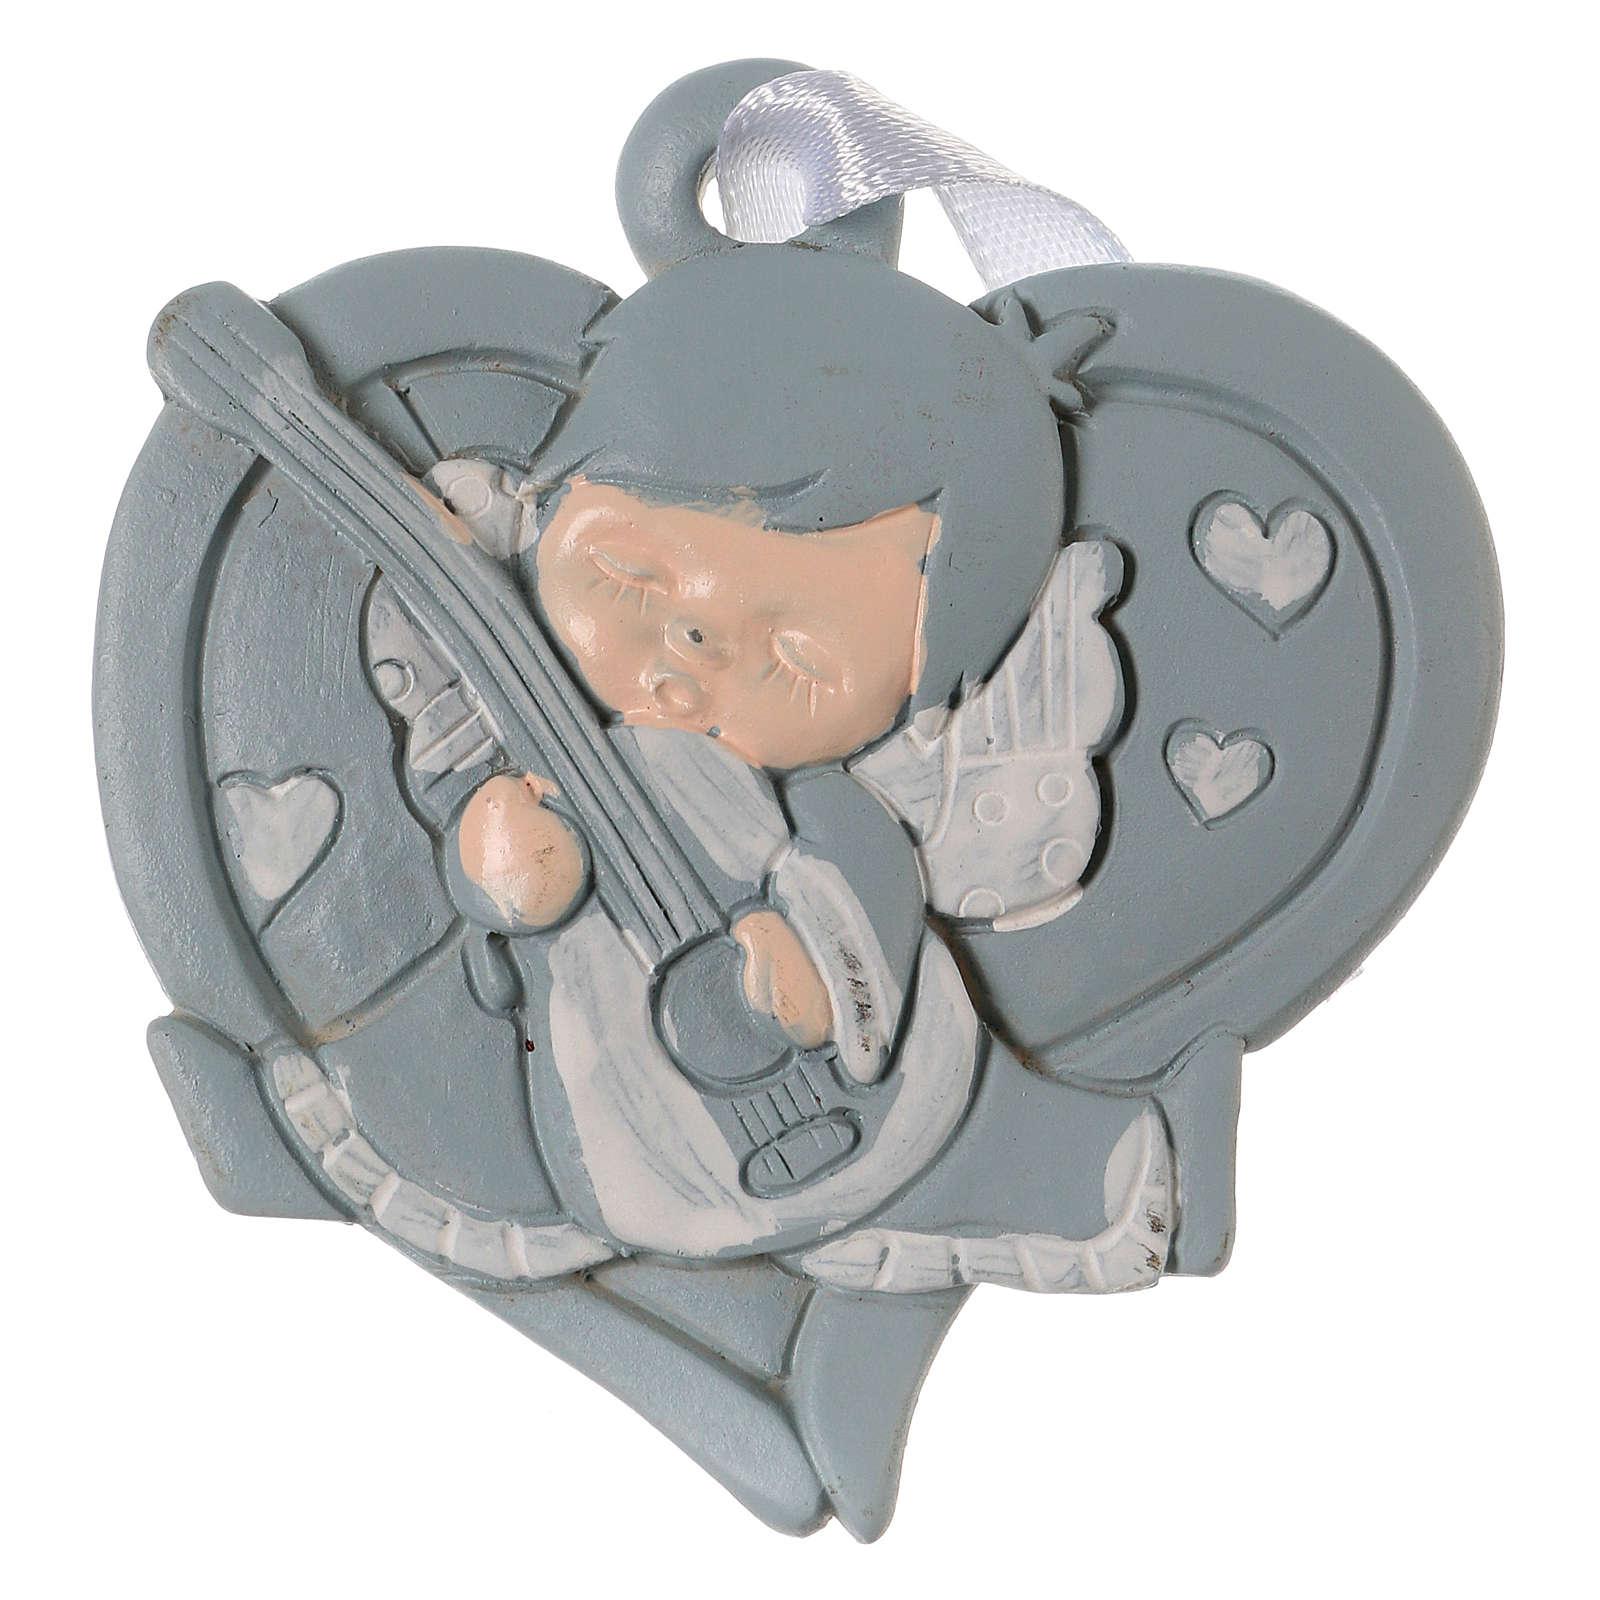 Angeli 6 cm in resina colorata su cuore azzurro da appendere 20 pz conf. 3